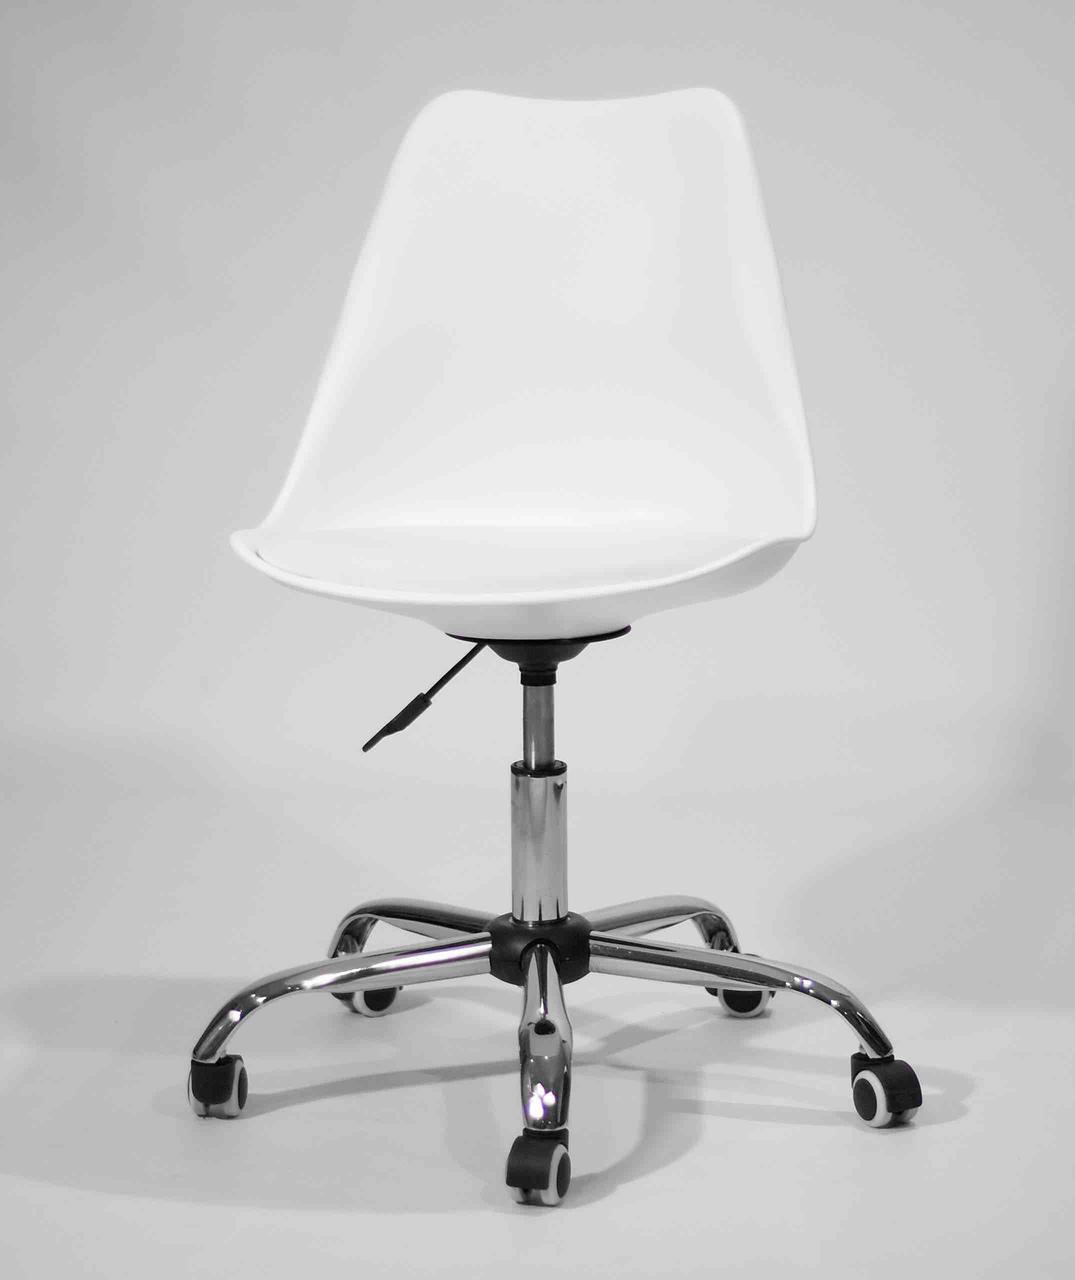 Кресло мастера пластик на колесах Milan office (Милан) белое, мягкое сиденье экокожа